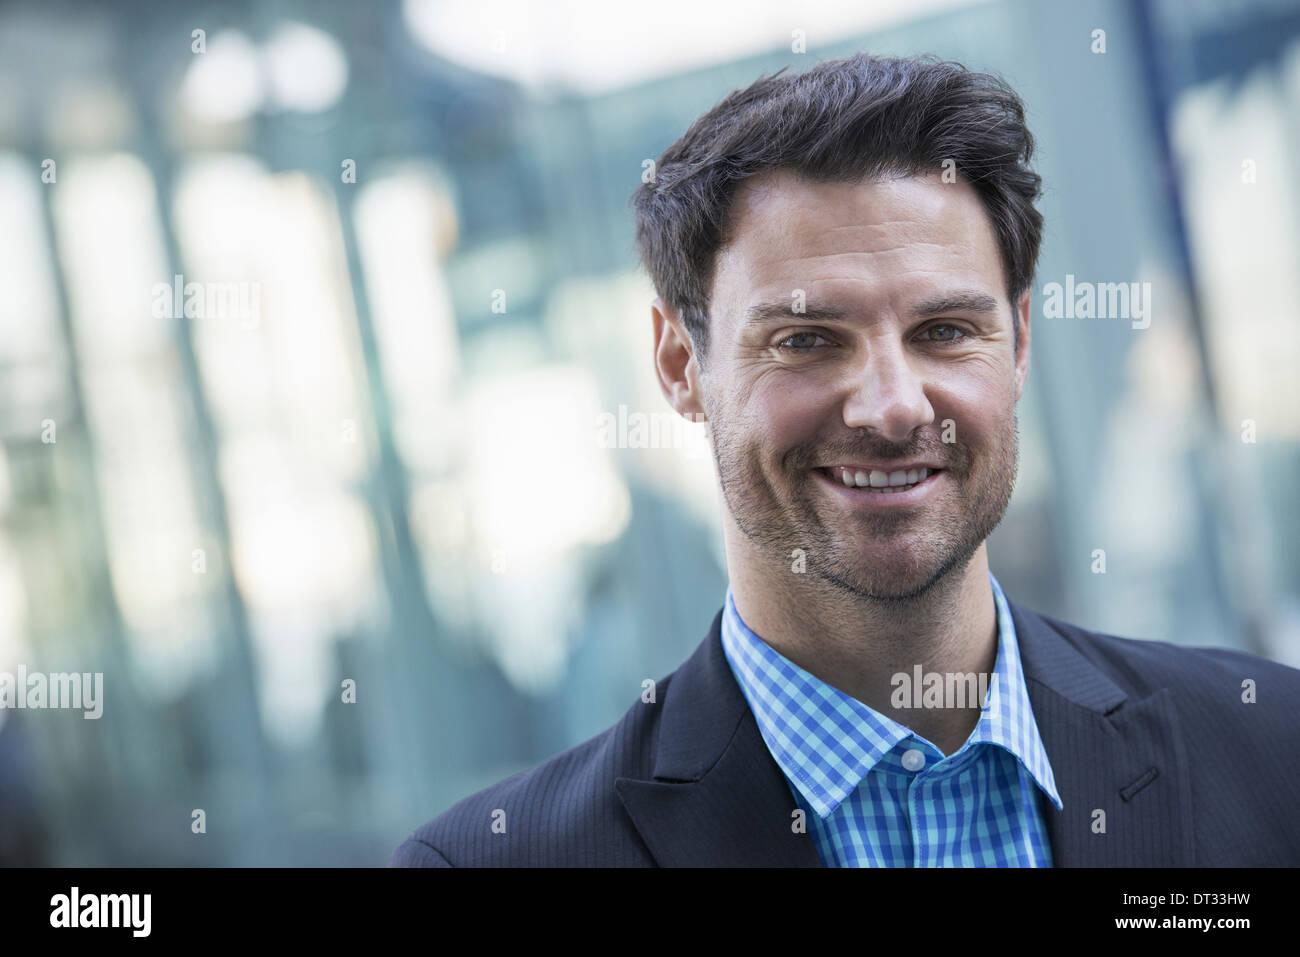 Ein Mann in ein blaues Hemd und dunkle Jacke lächelnd Stockbild